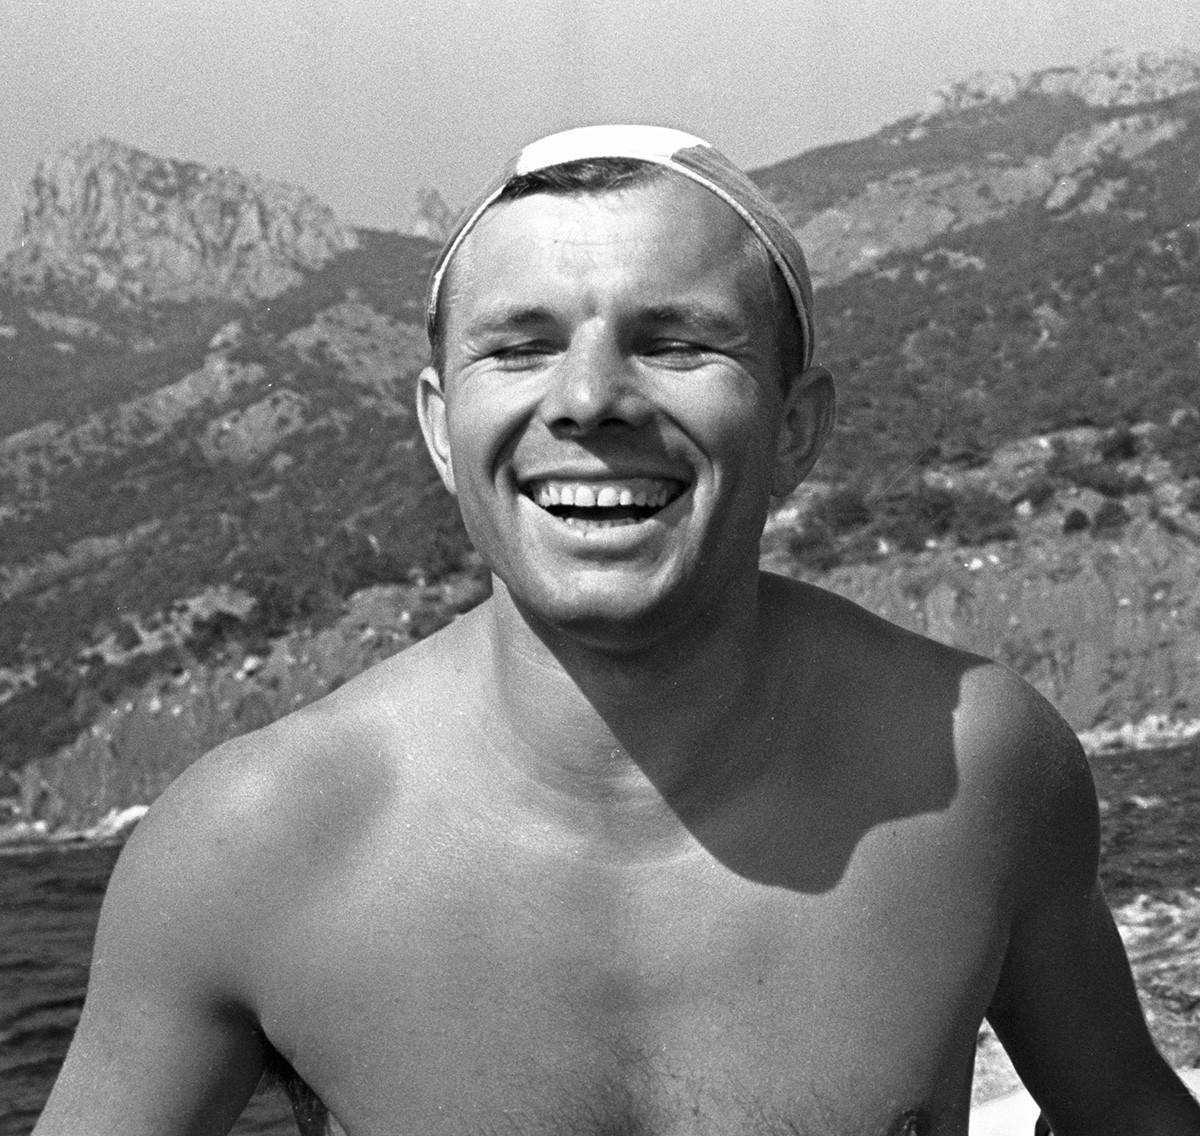 Gagárin de férias na Crimeia, 1961.